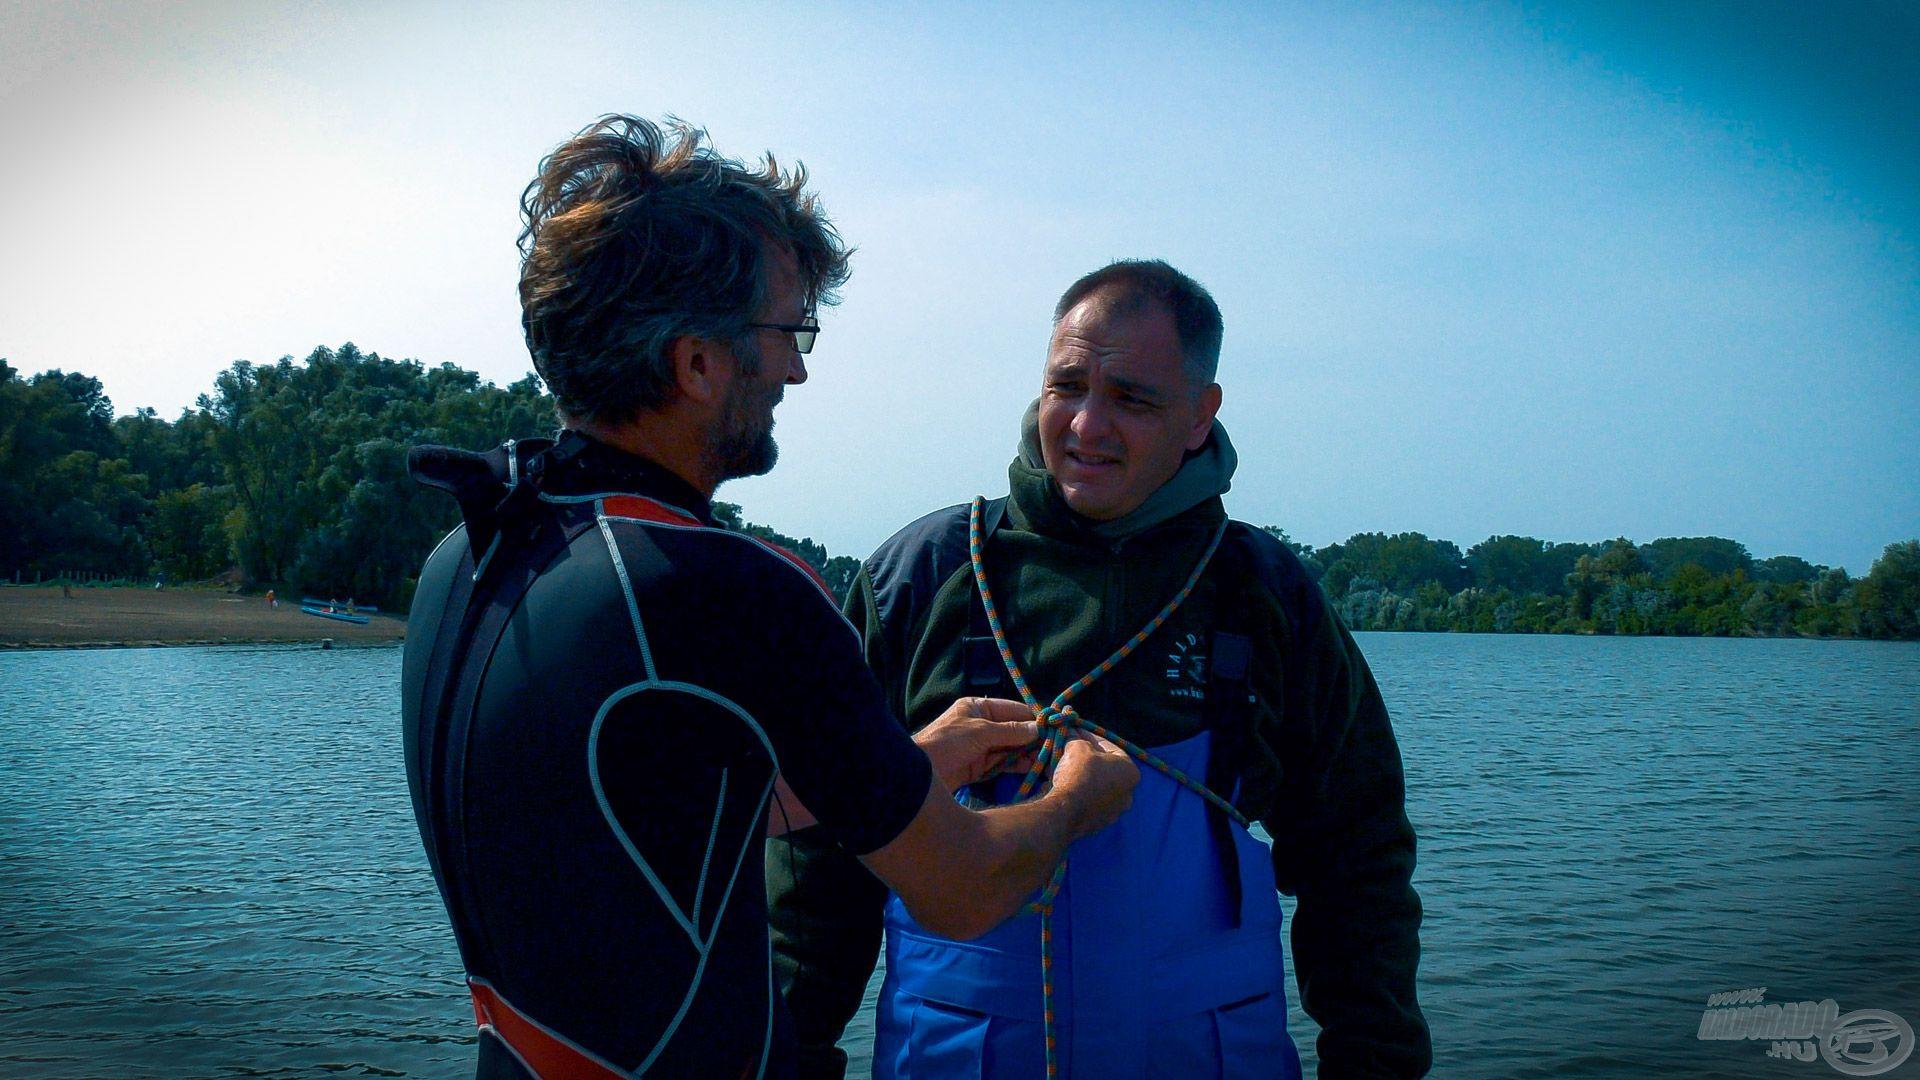 A mentőmellény nélküli teszthez Tibor felrakott rám egy biztosító kötelet, mellyel vész esetén visszahúztak volna